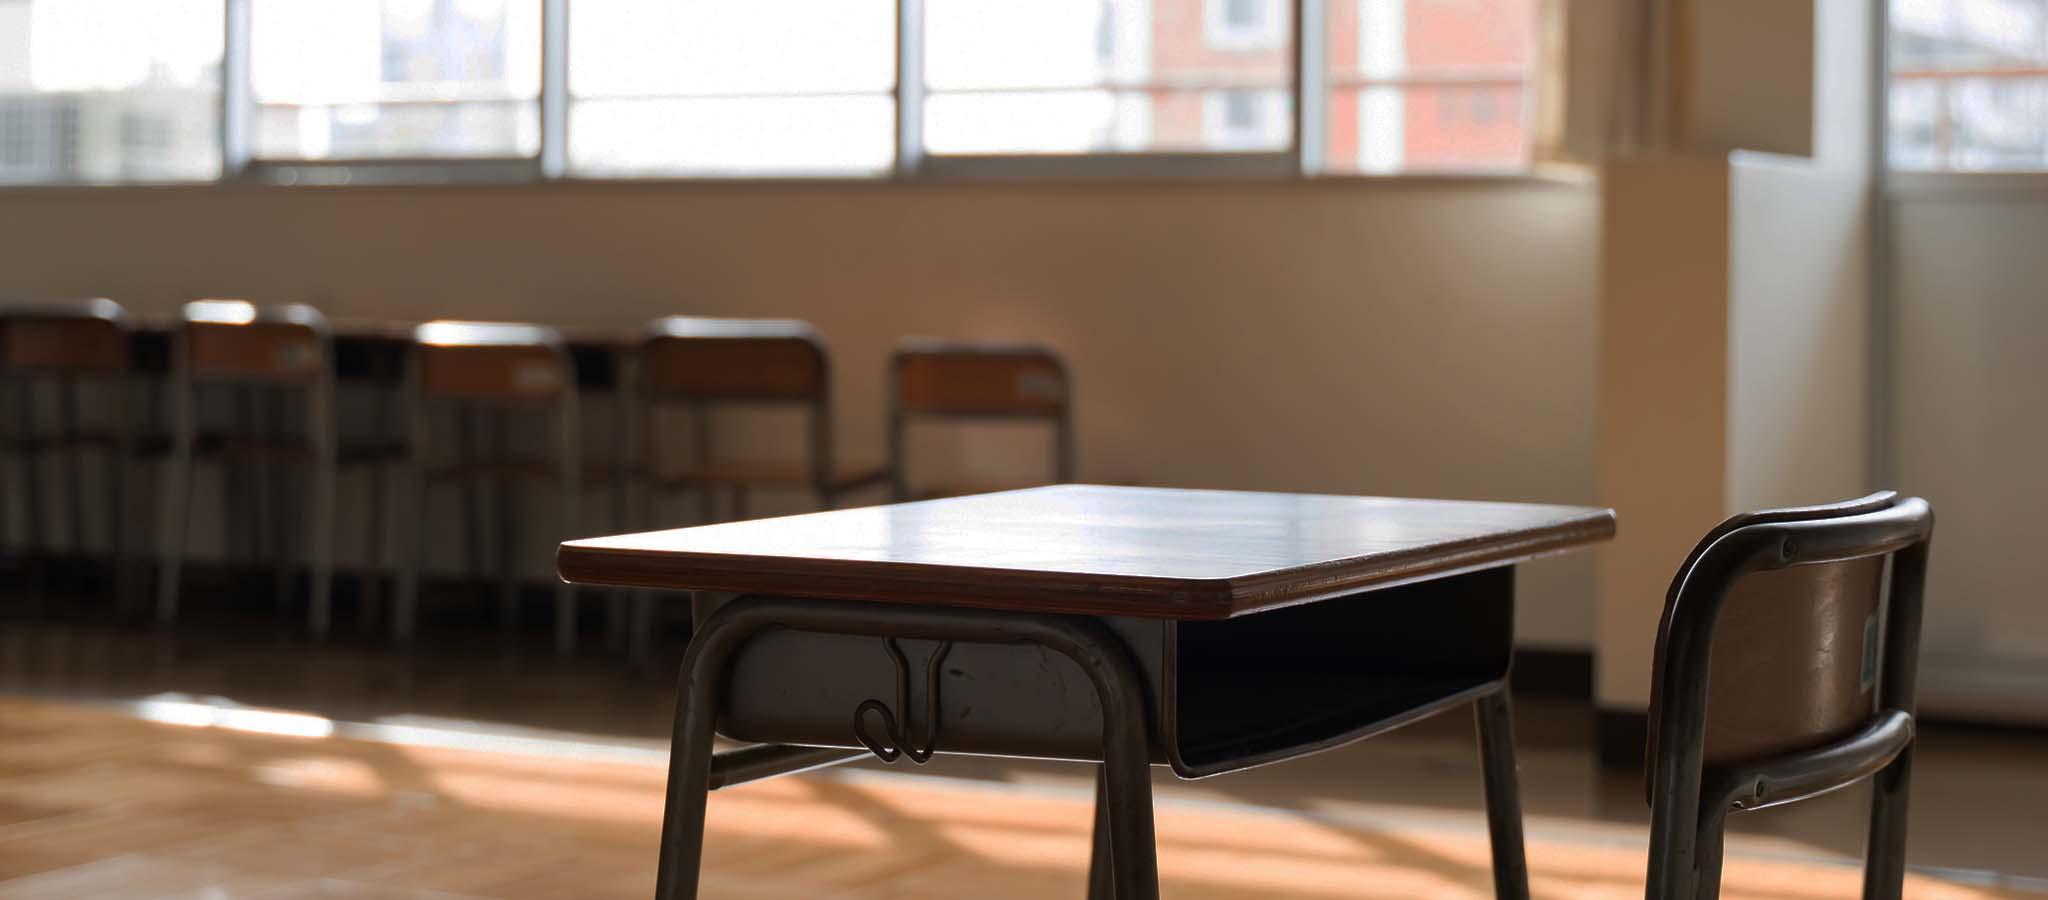 「いじめ件数過去最多」学校で今起きていること